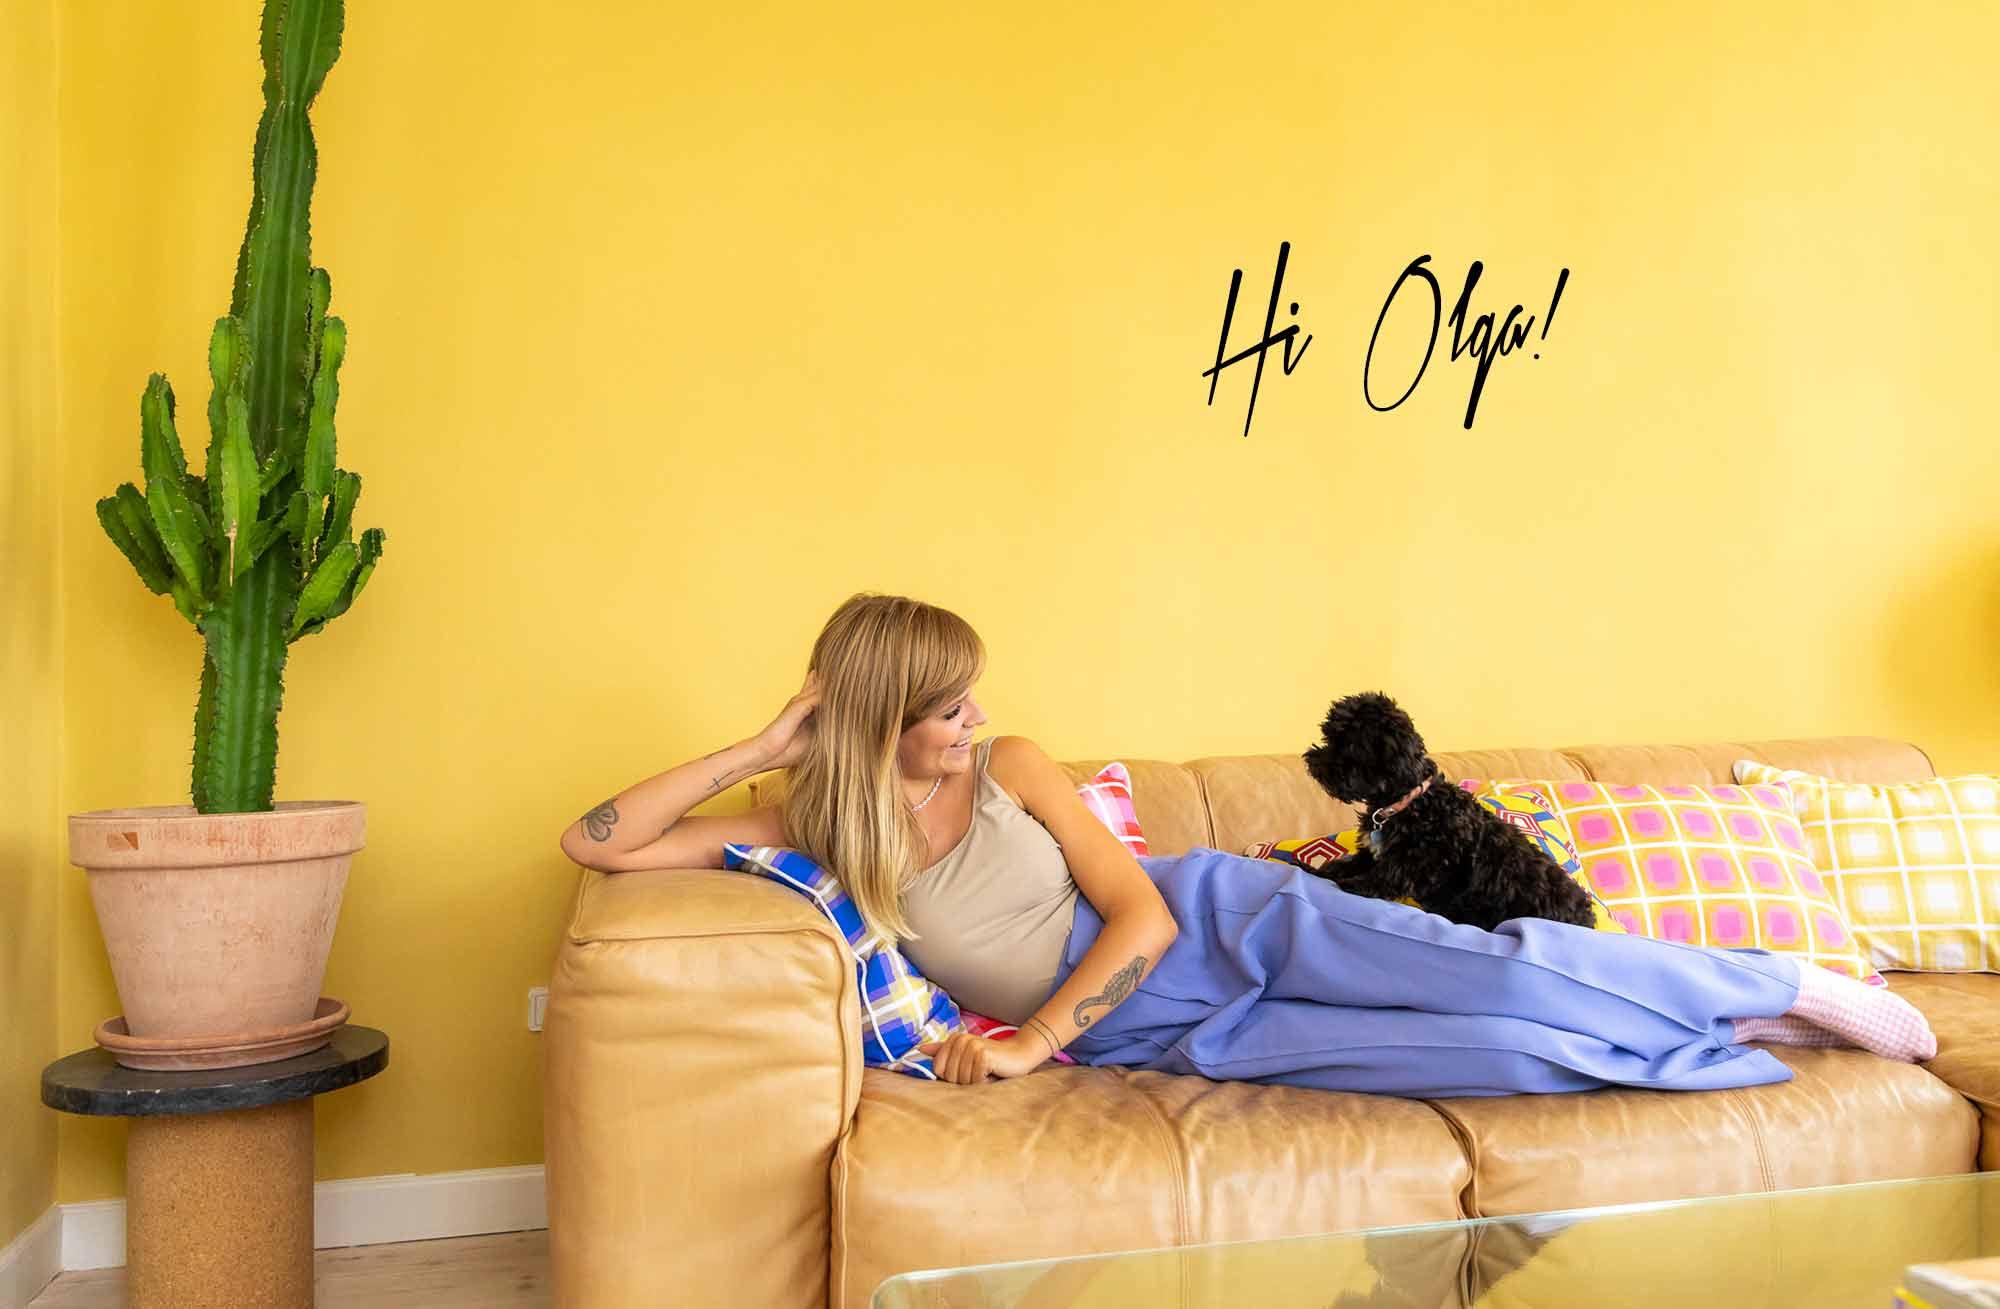 femtastics-Marie-Jedig-Hund-Olga